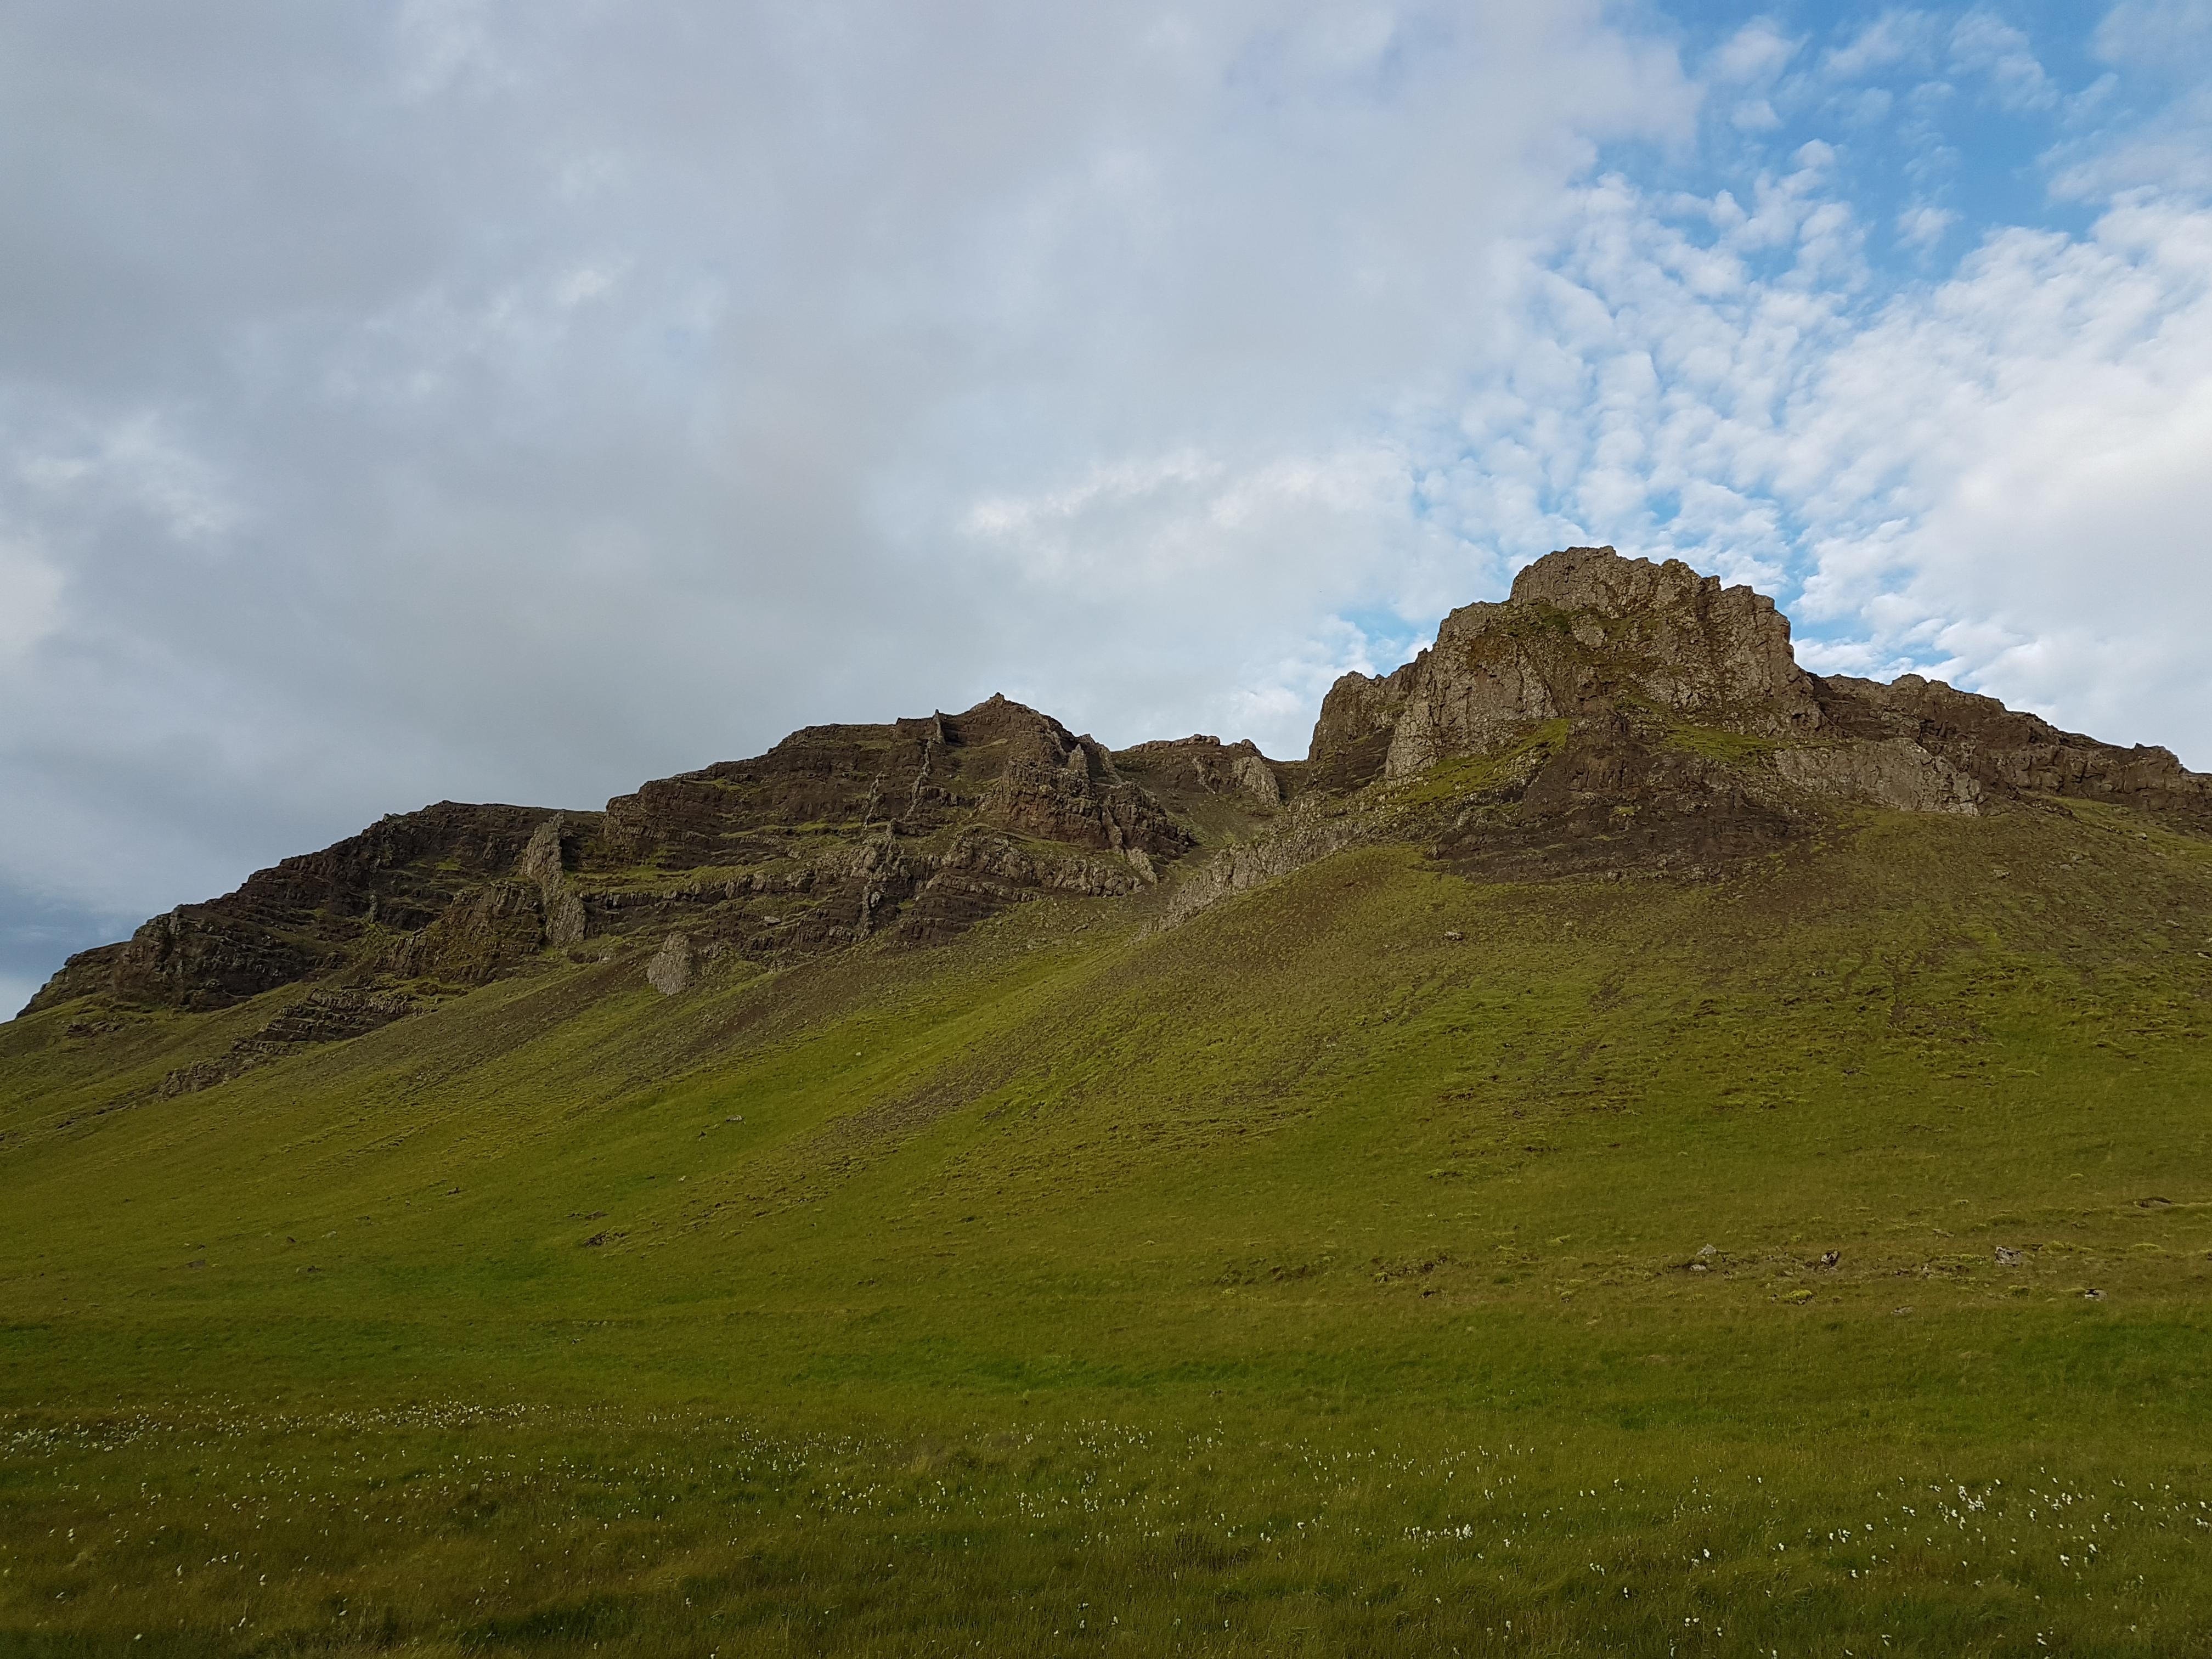 Mt. Hnefi